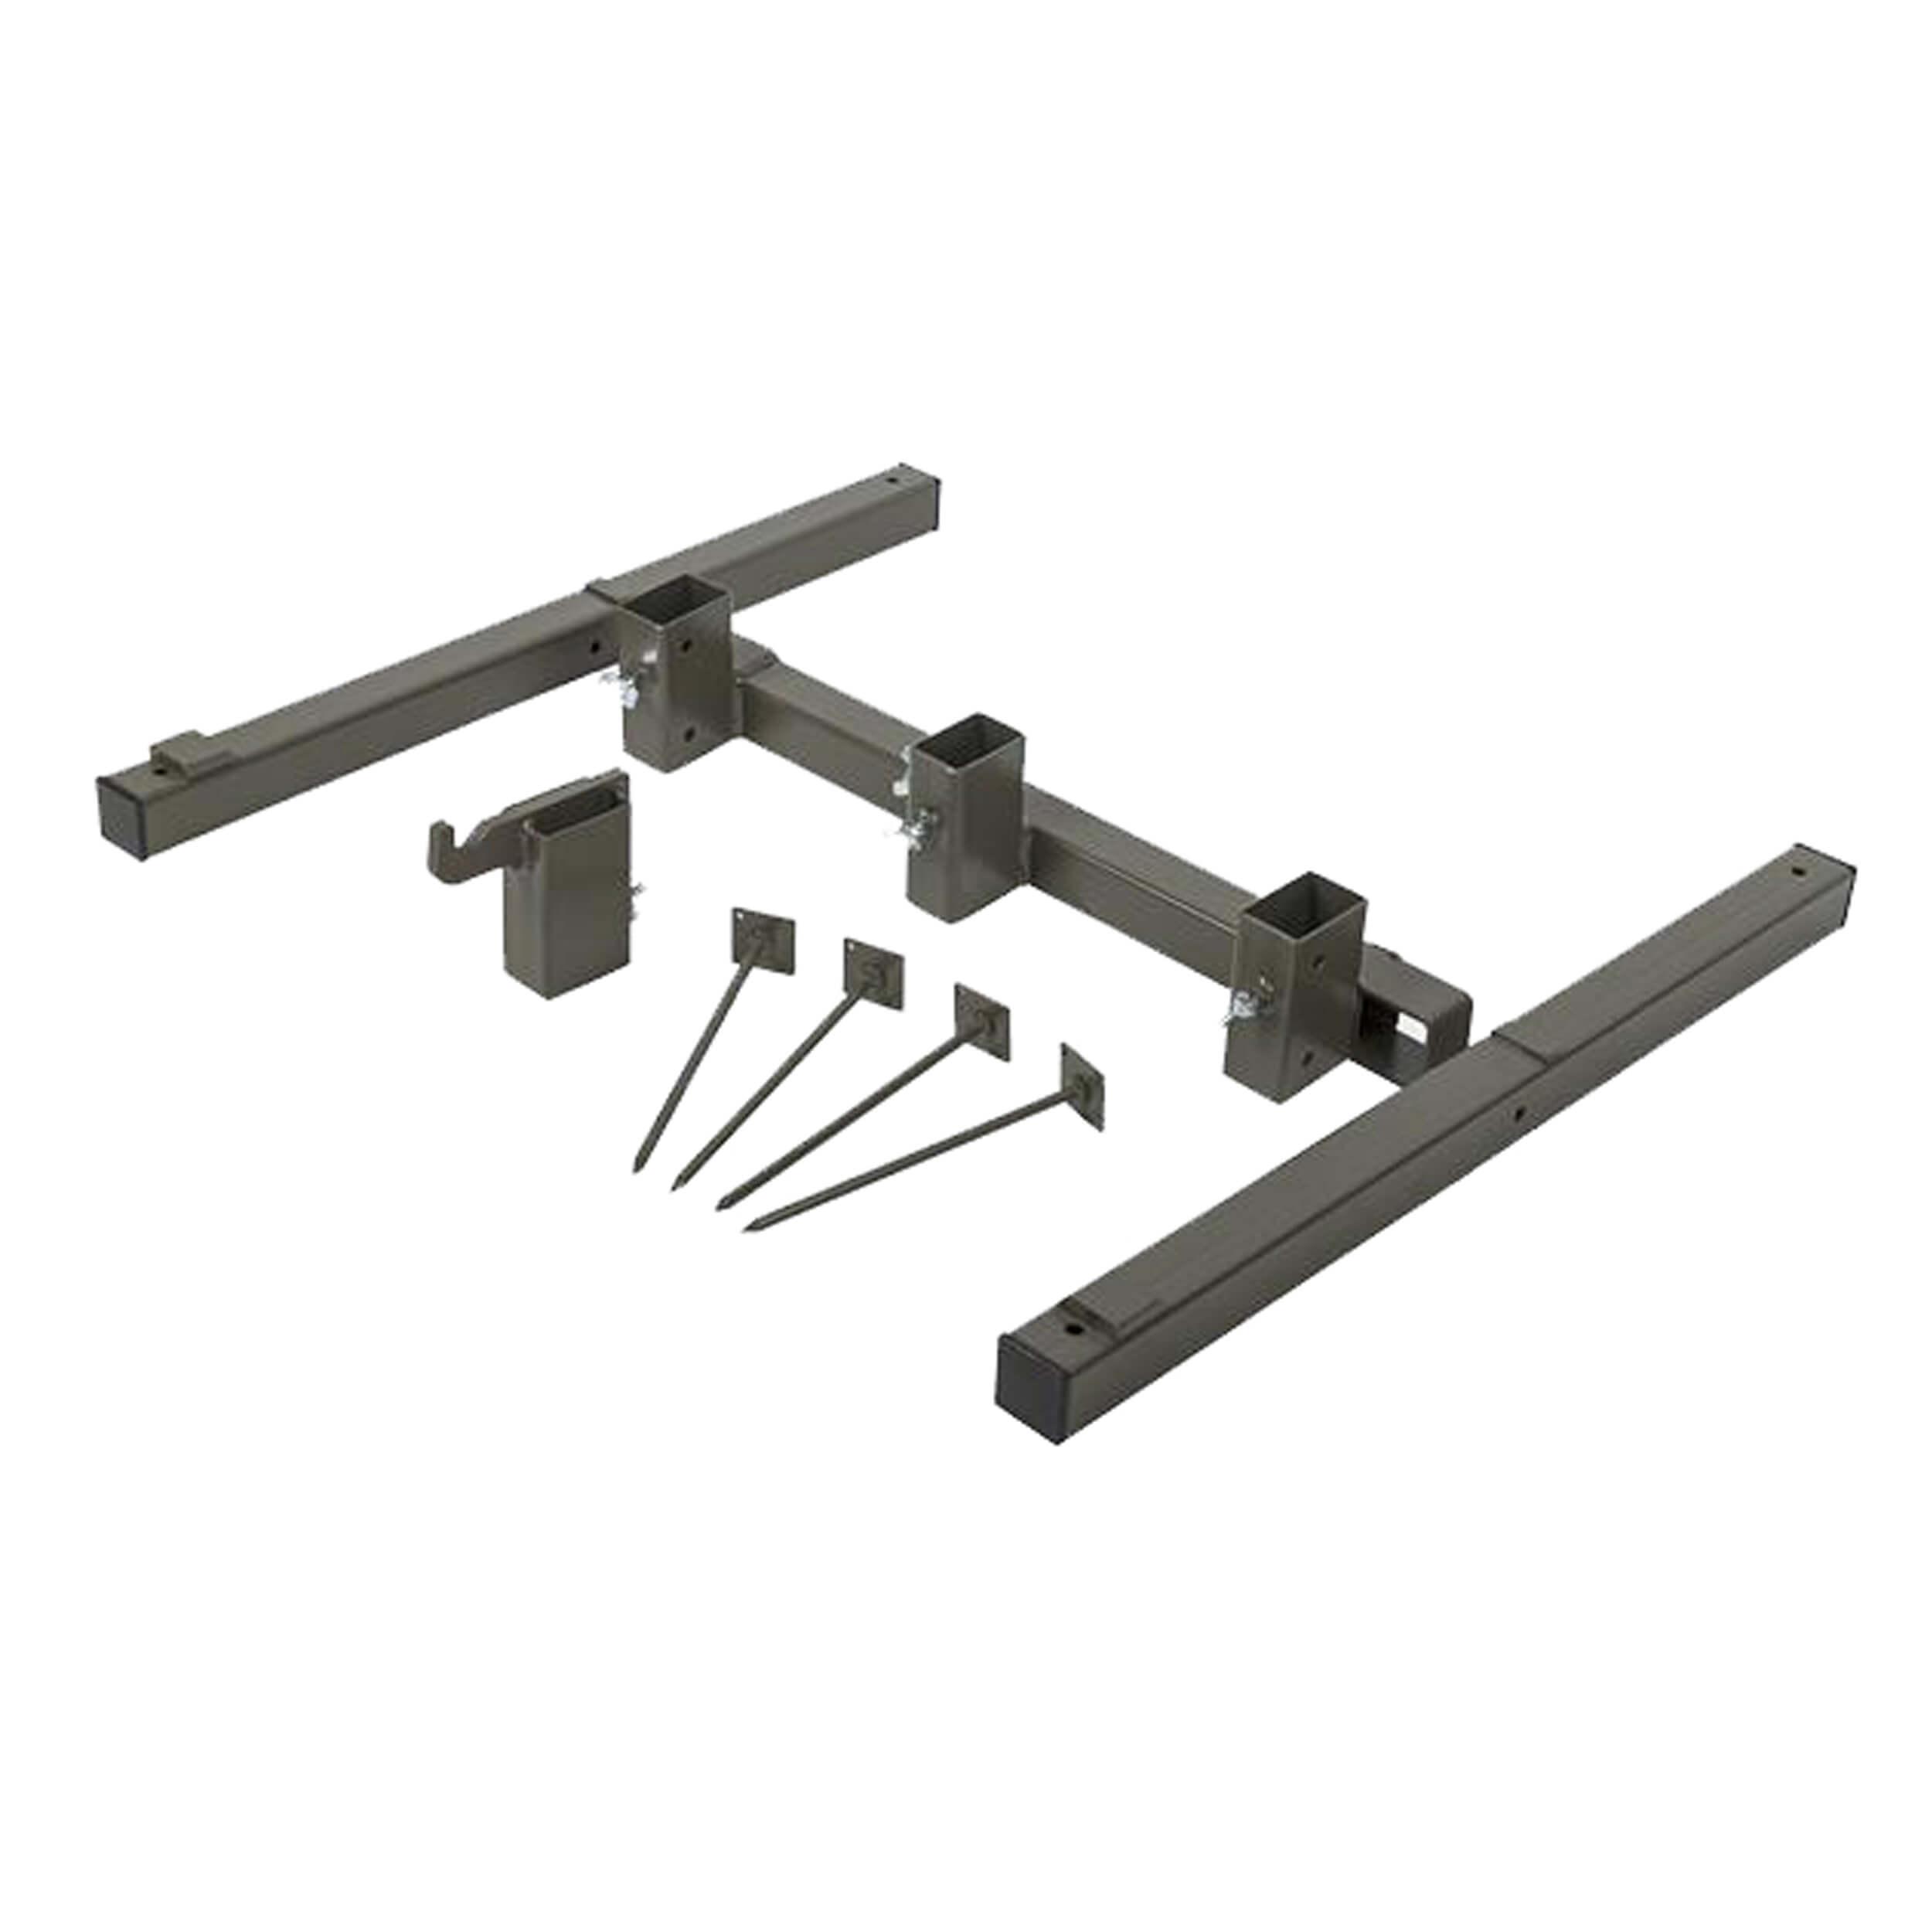 Helikon-Tex Foldable Metal Stand - Steel - Brown Grey